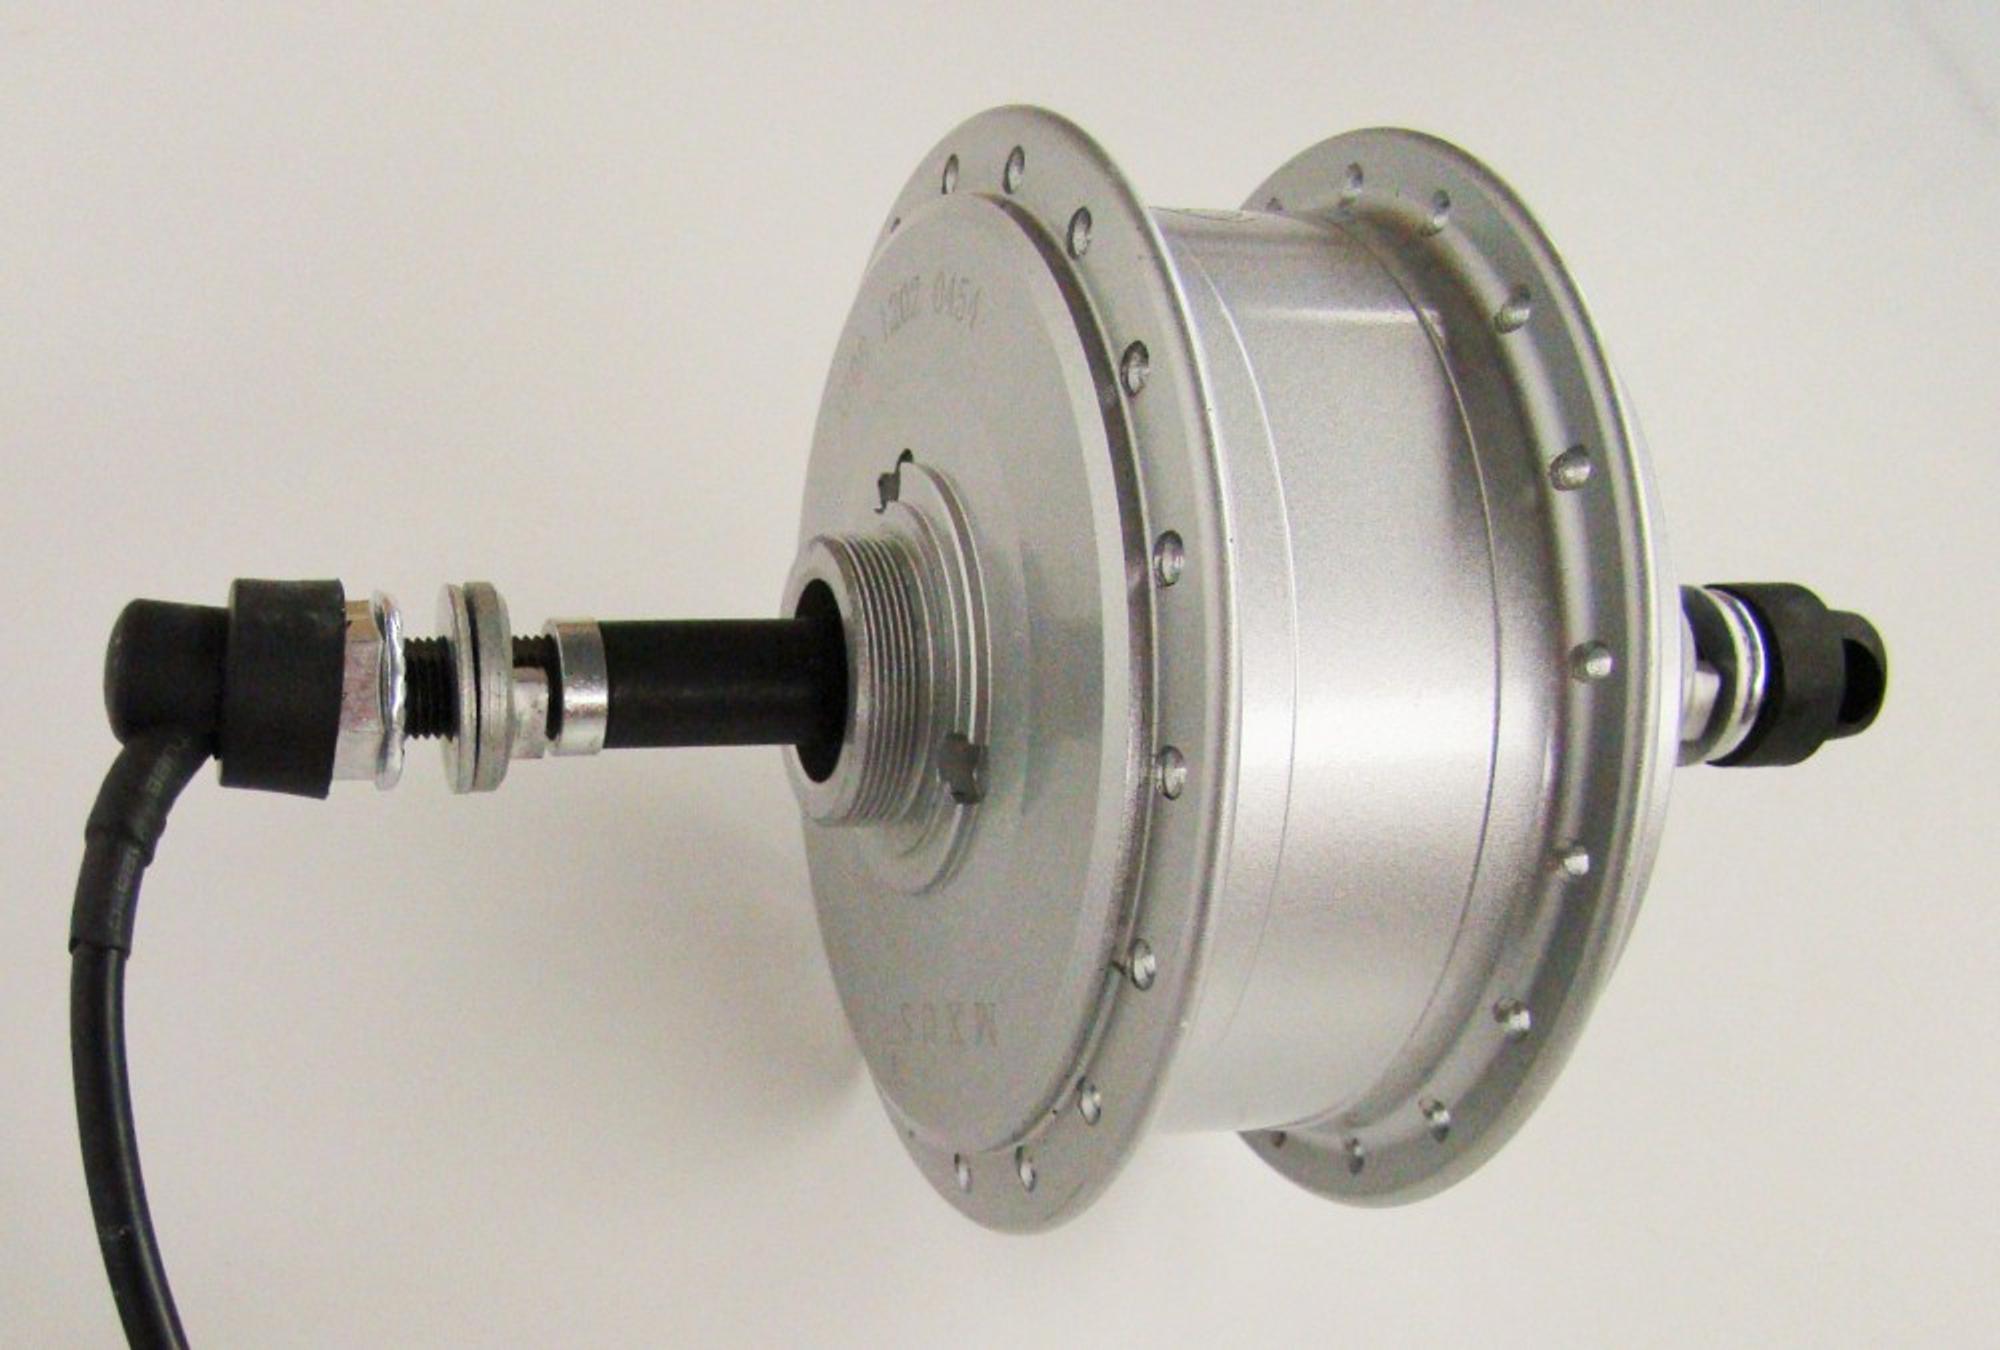 xGerman Hinterradmotor 36V/250 Watt